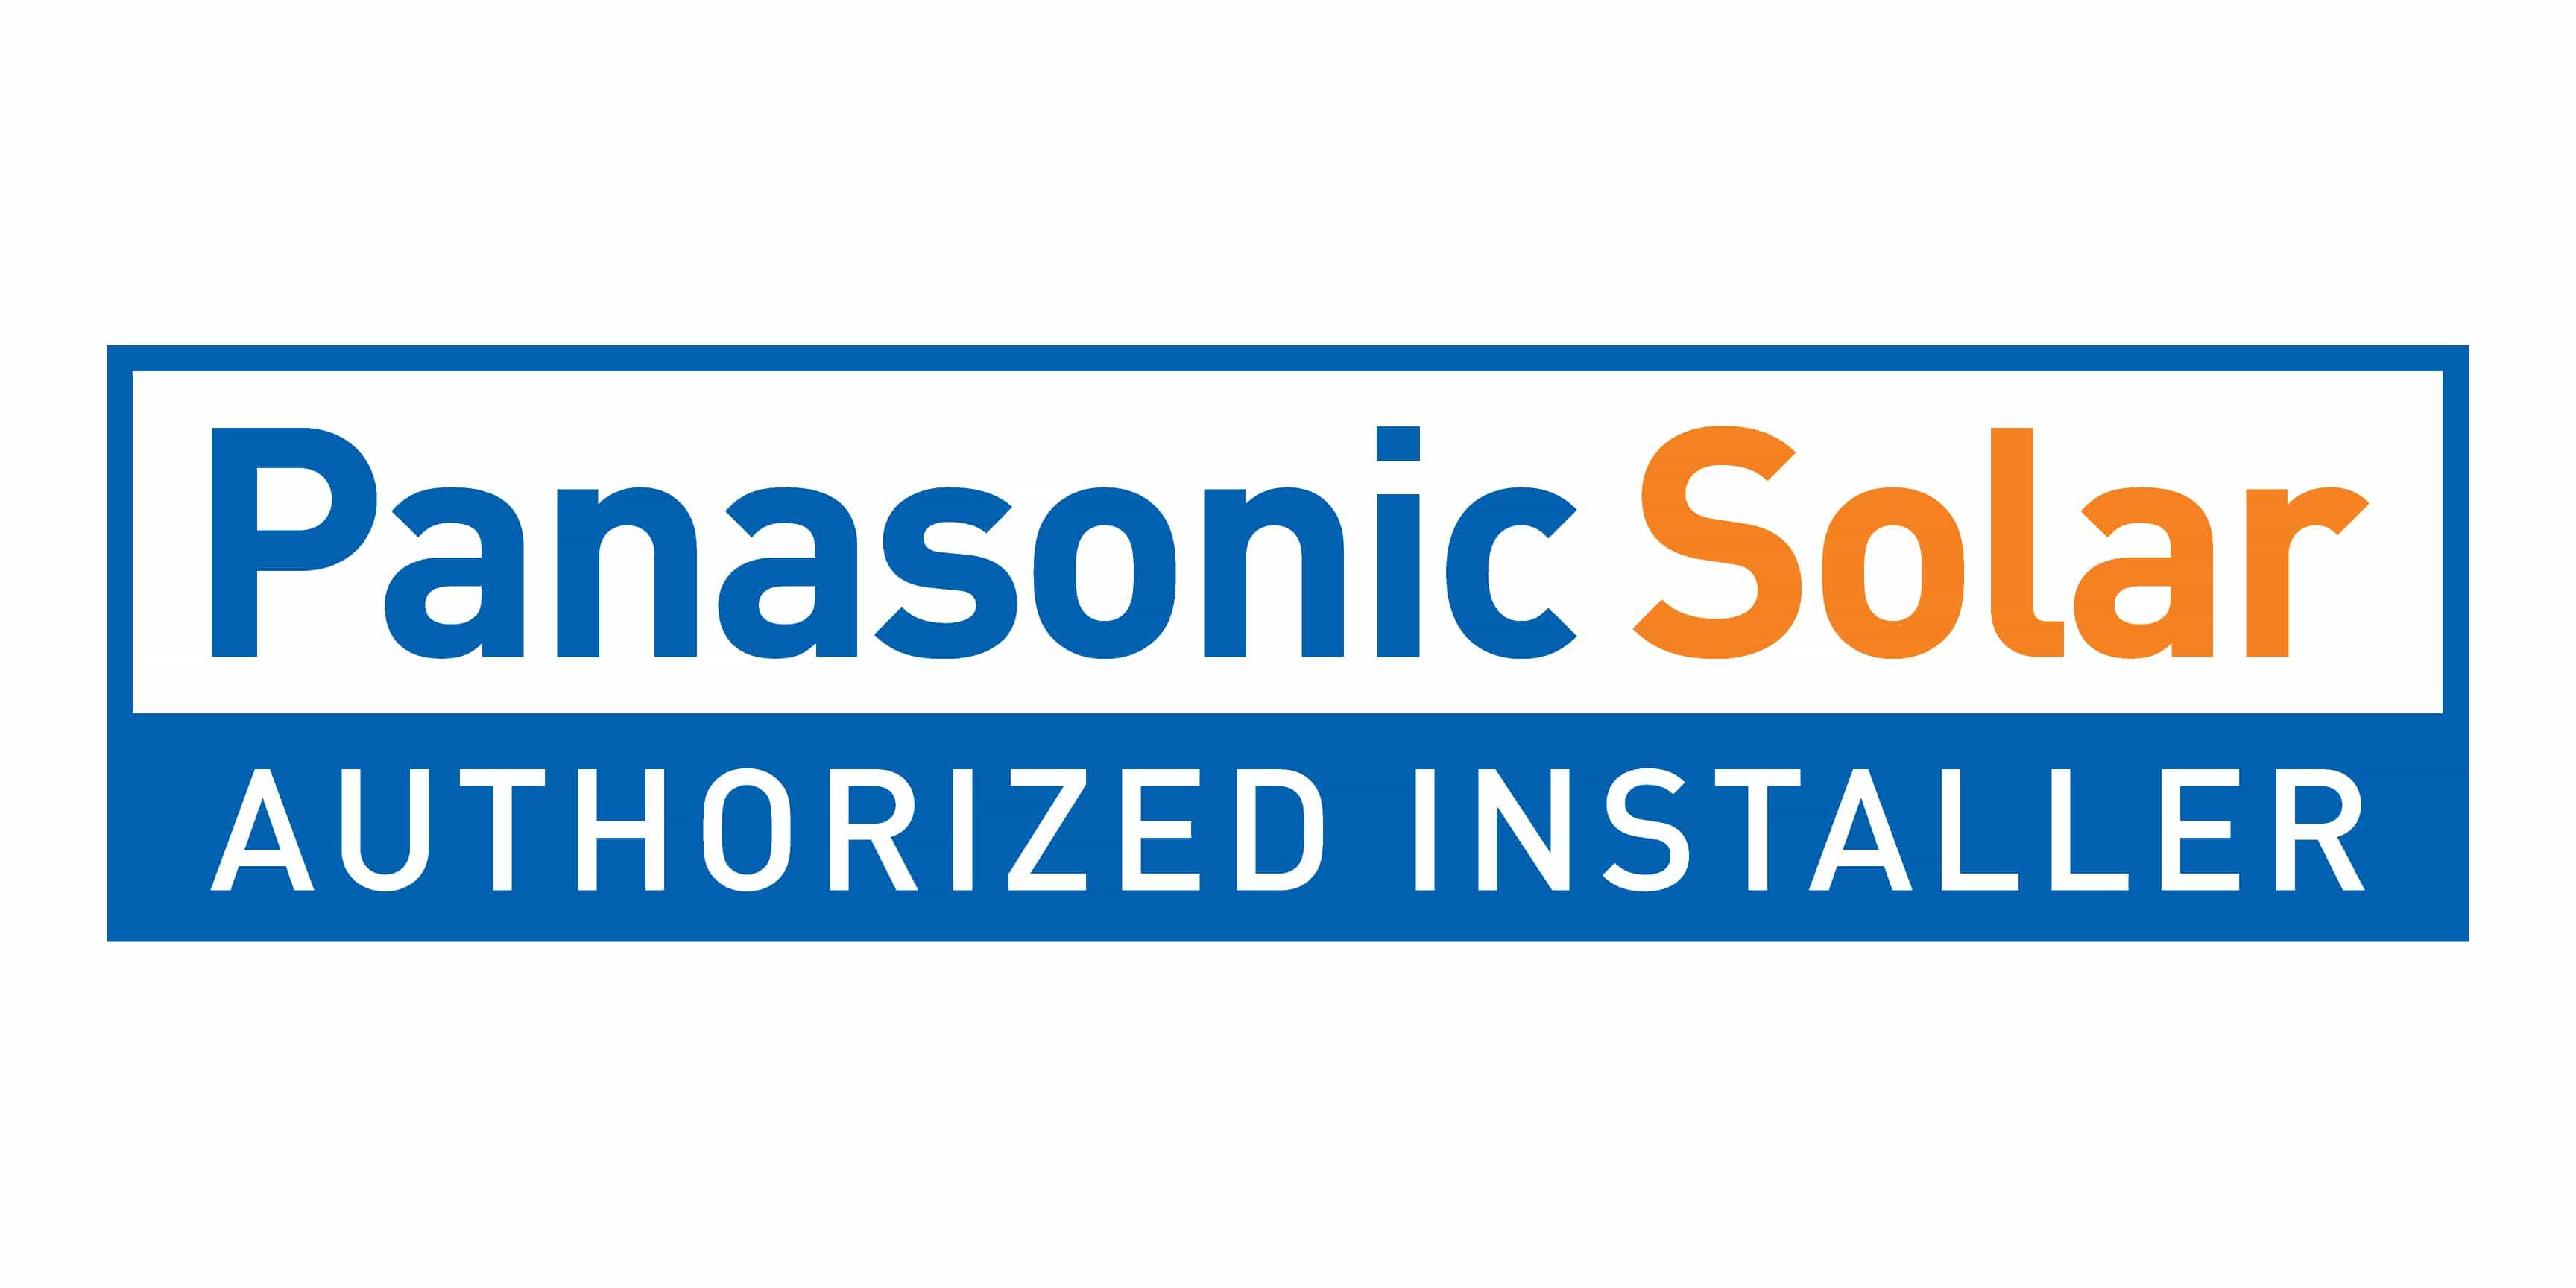 Panasonic Solar Installer Logo